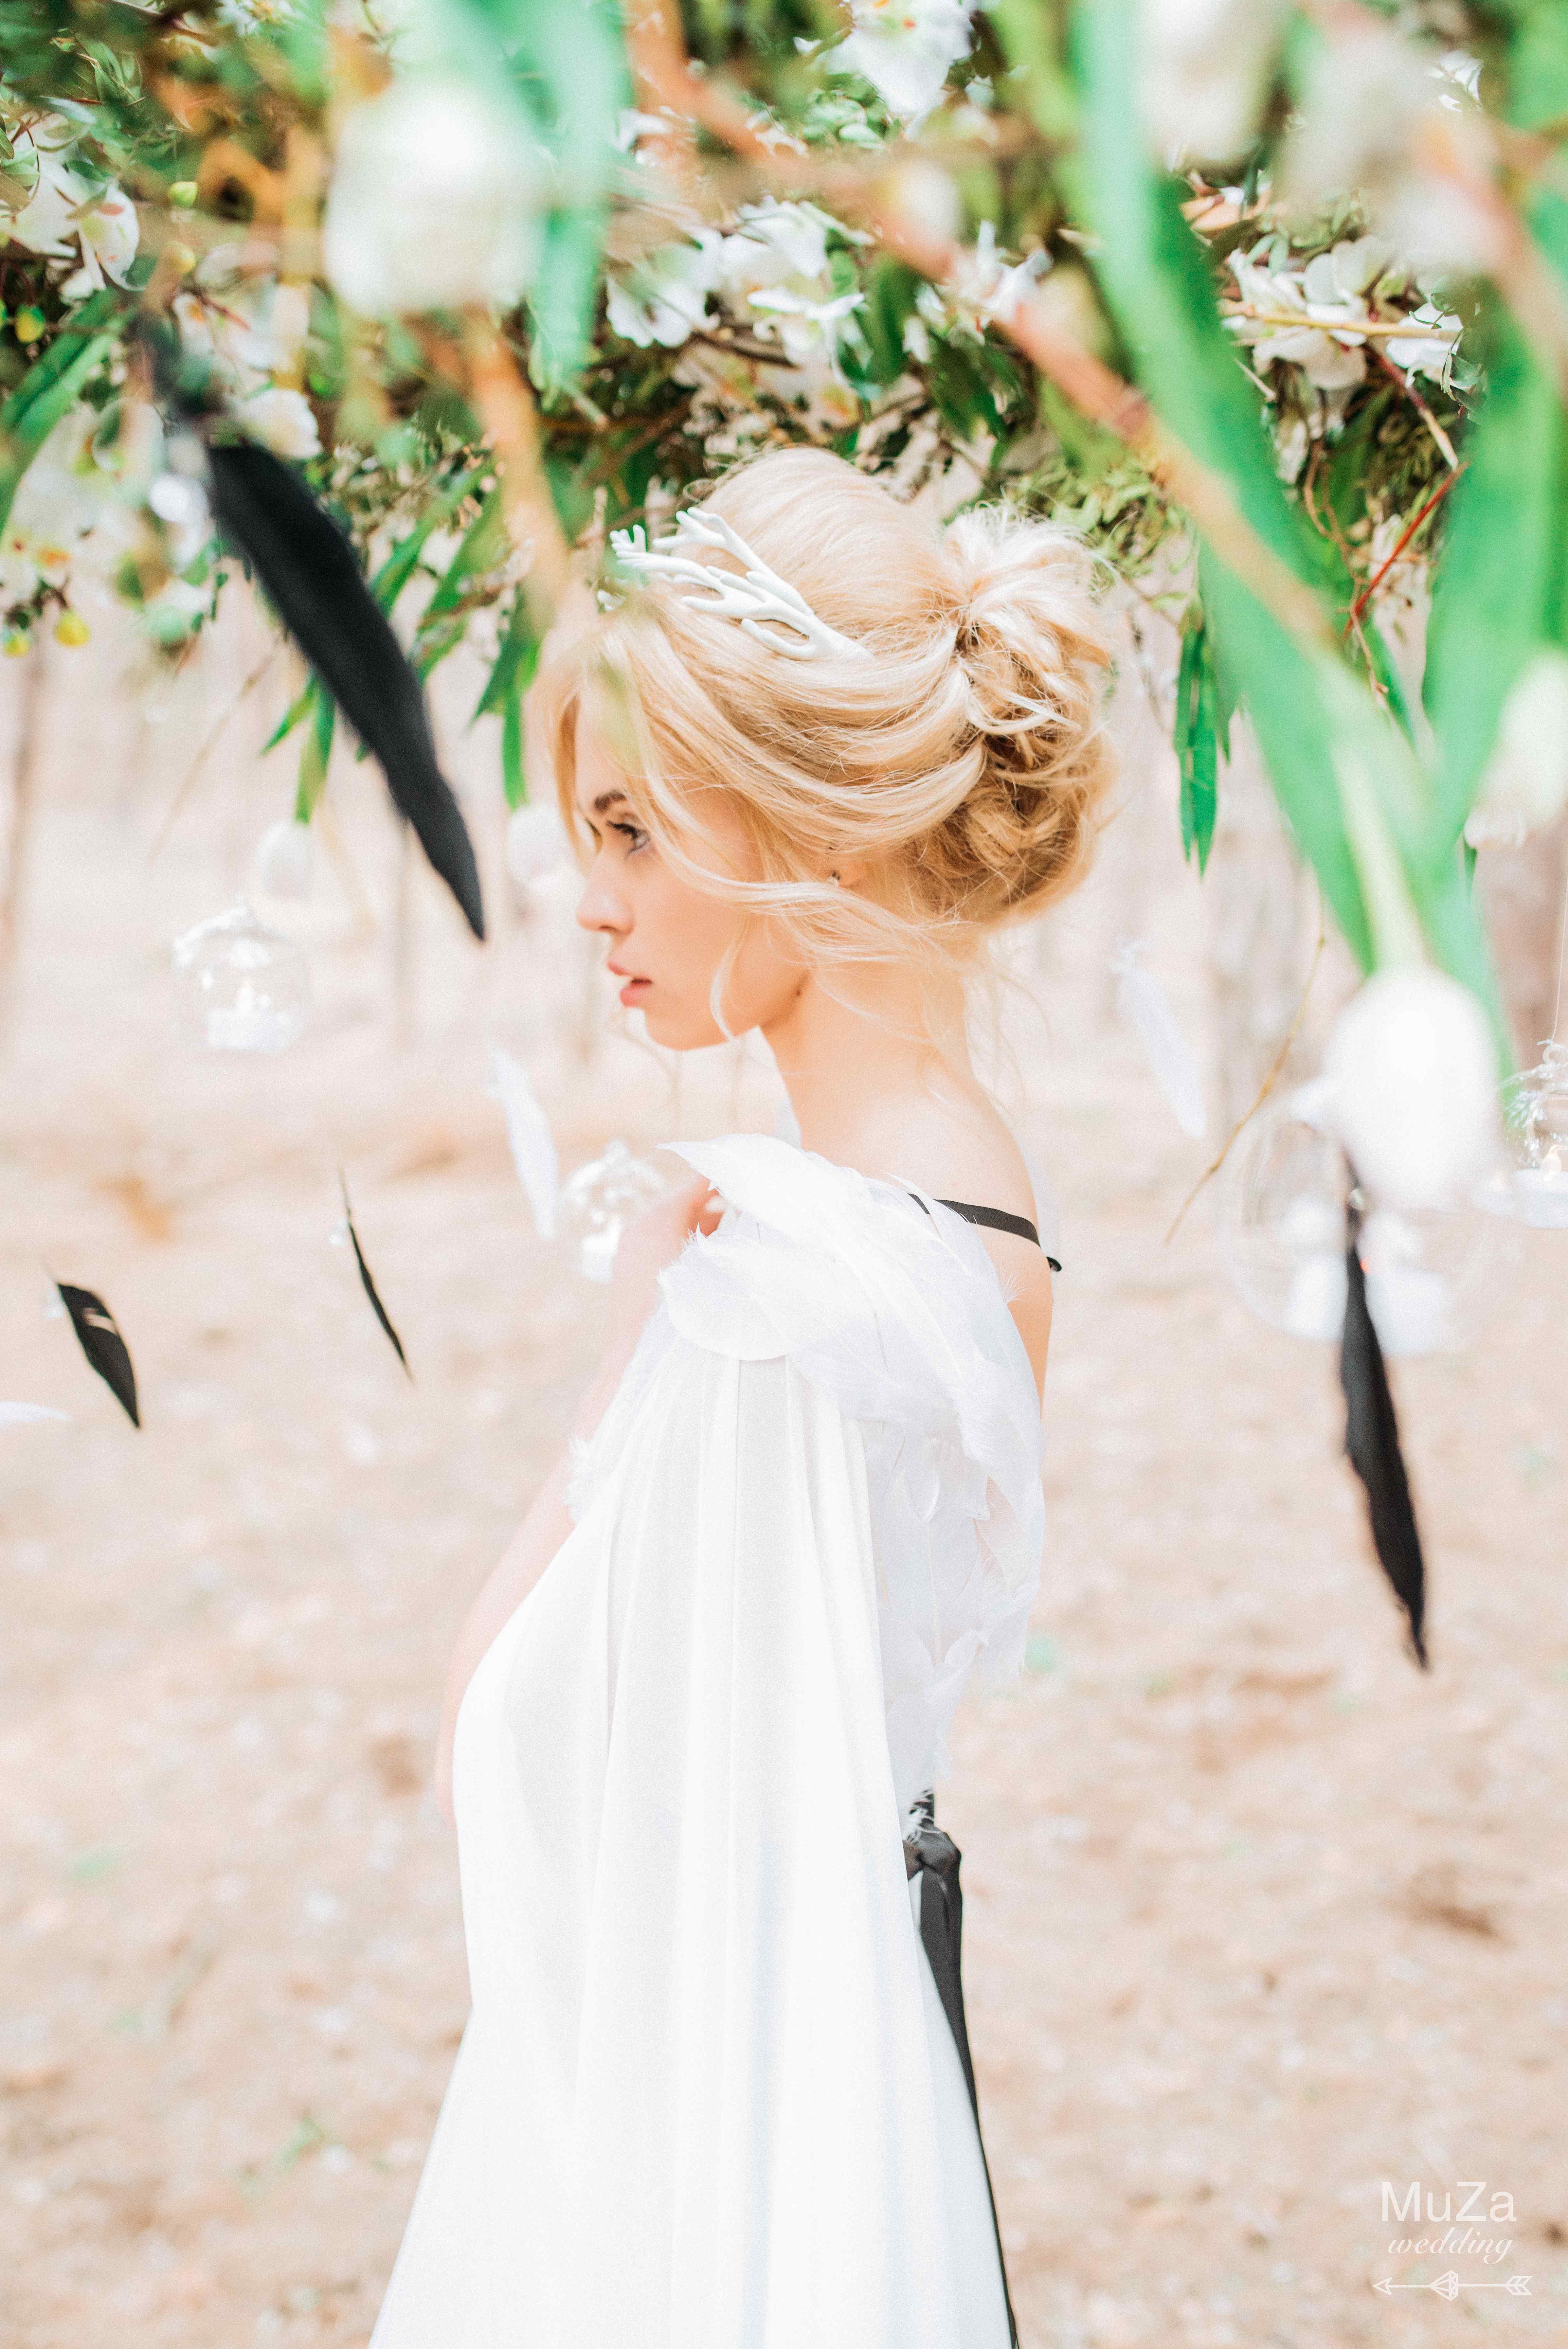 невеста, нежность, перья, натурально